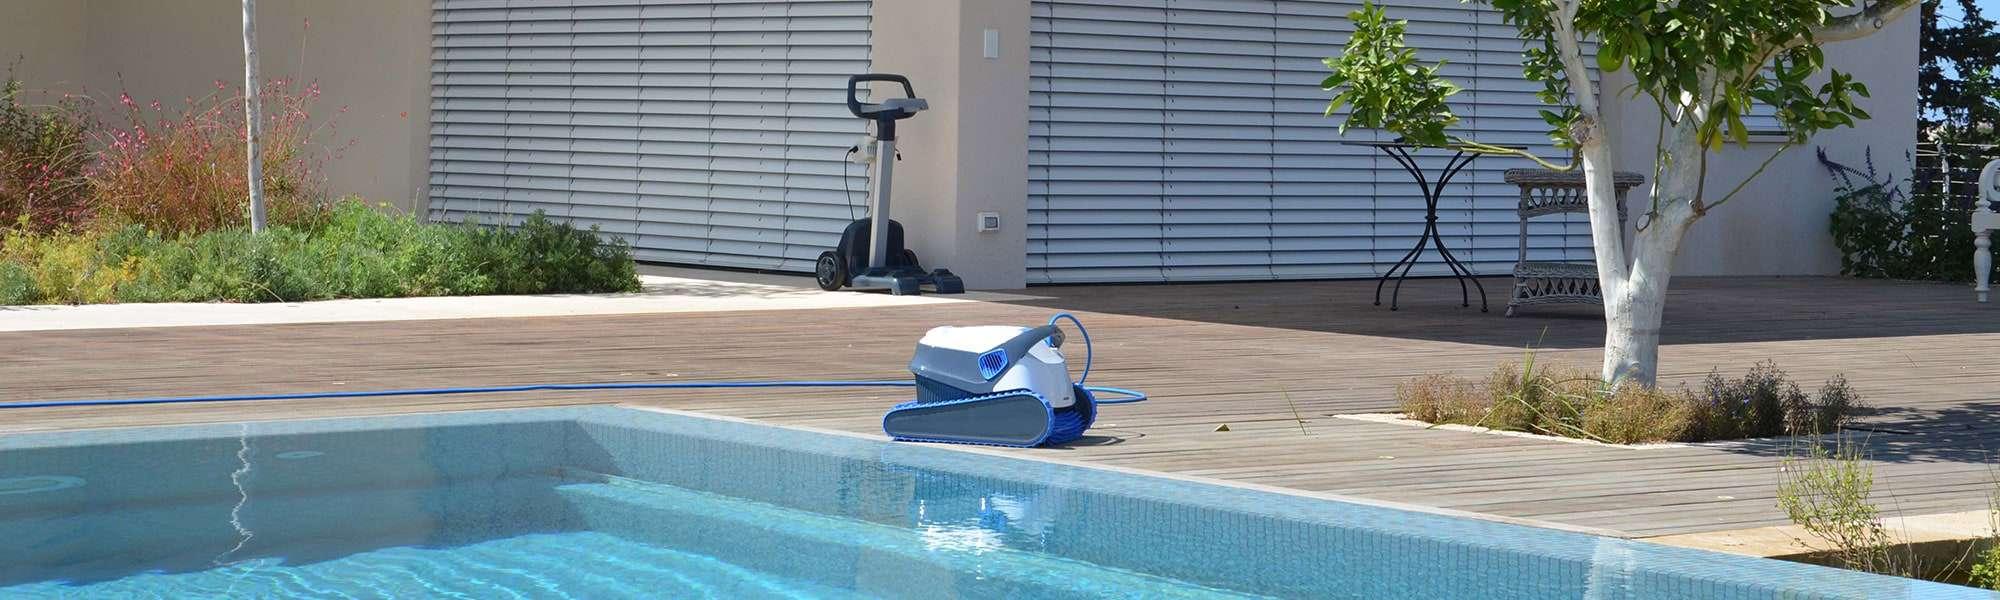 Robot piscine DOLPHIN T25 (nouvelle génération) Nettoyage